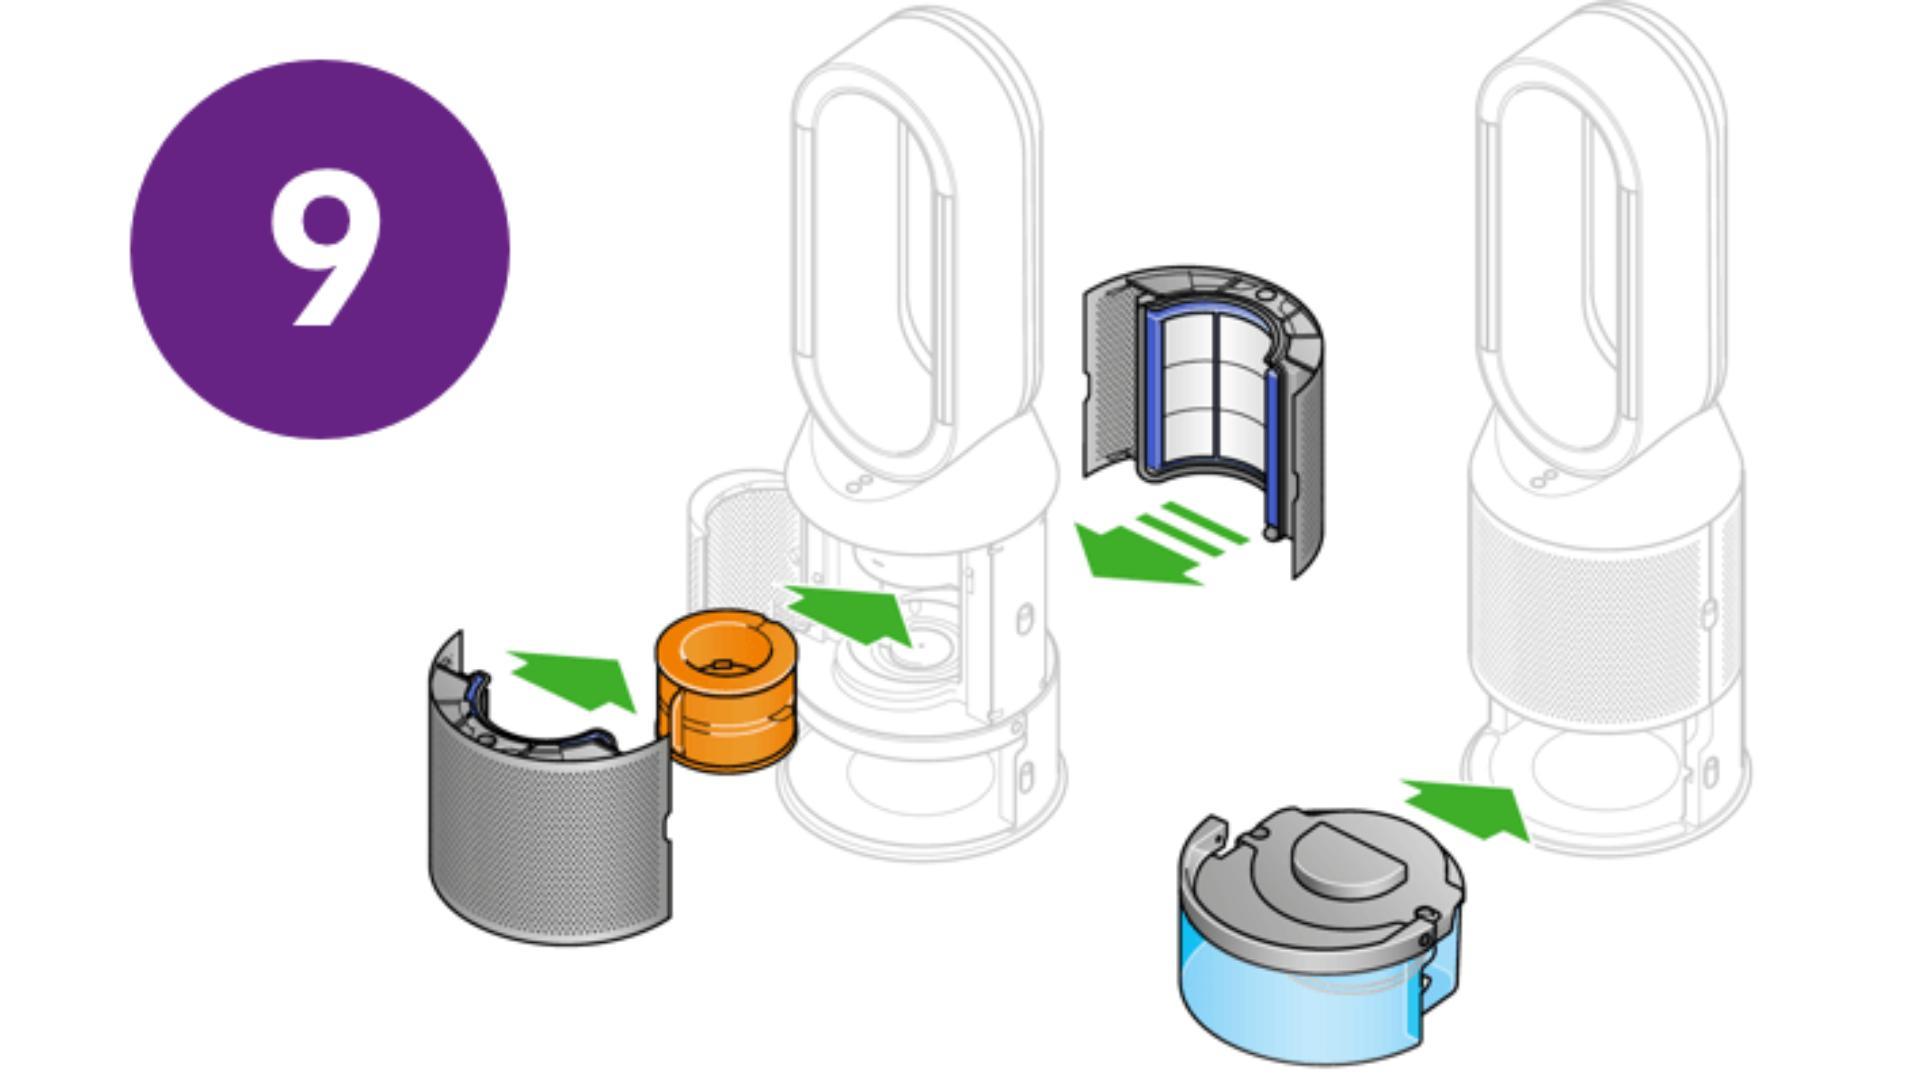 Zamontuj dysk ewaporacyjny i zbiornik na wodę ponownie w urządzeniu